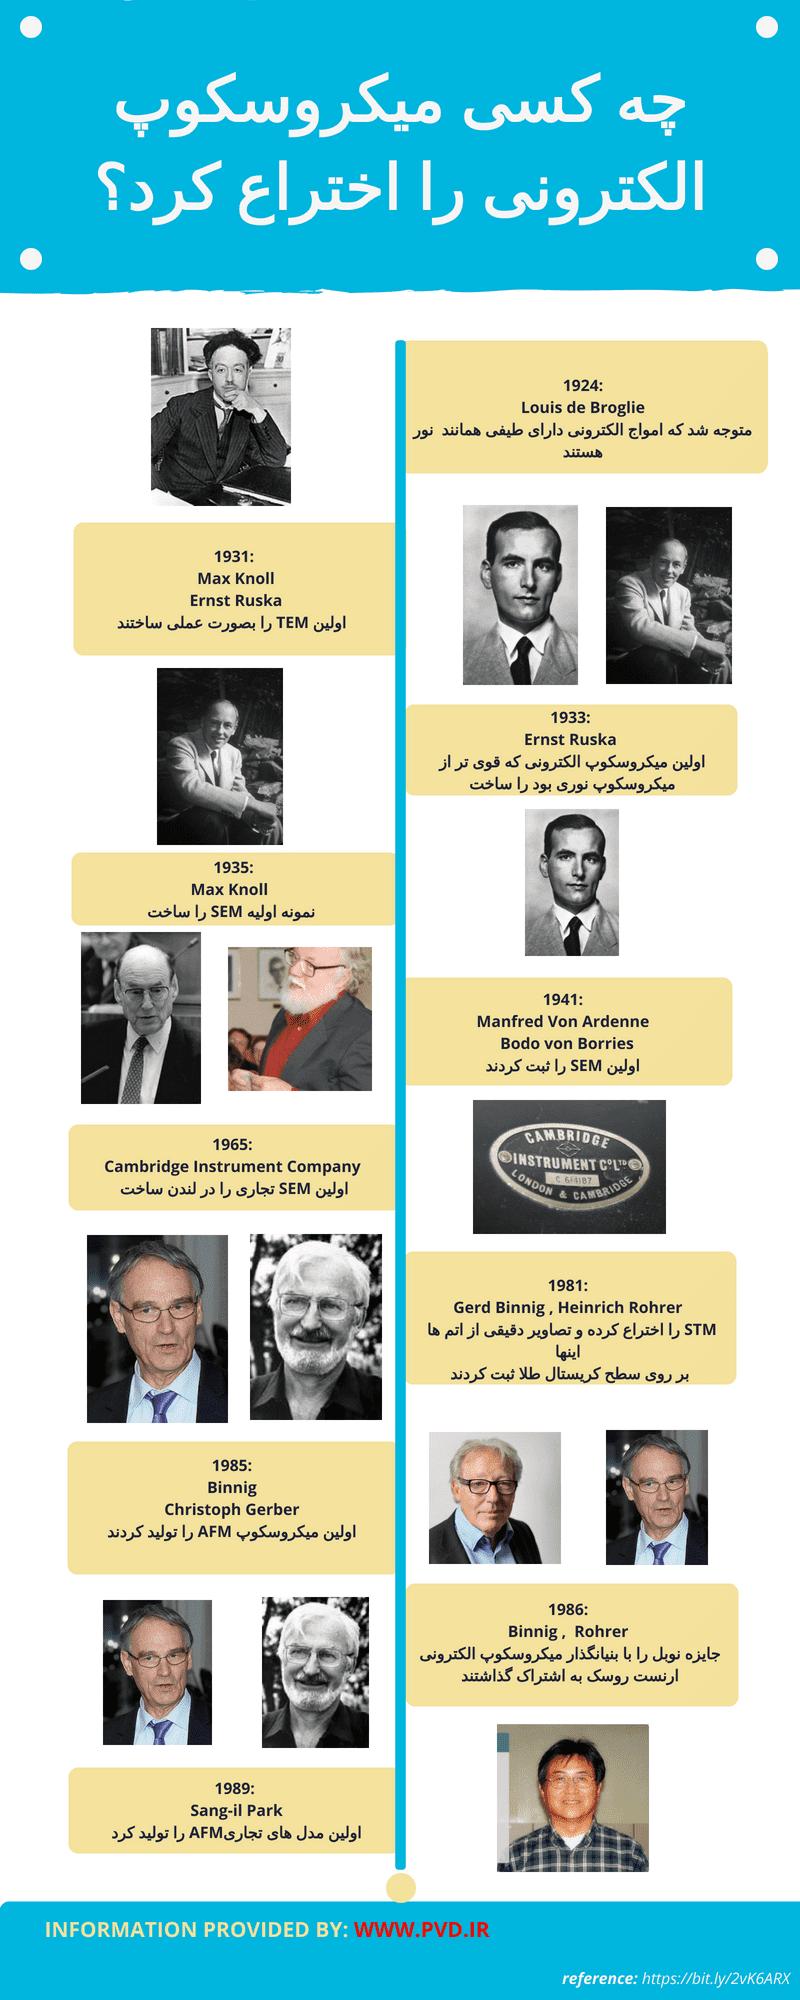 چه کسی میکروسکوپ الکترونی را اختراع کرد؟